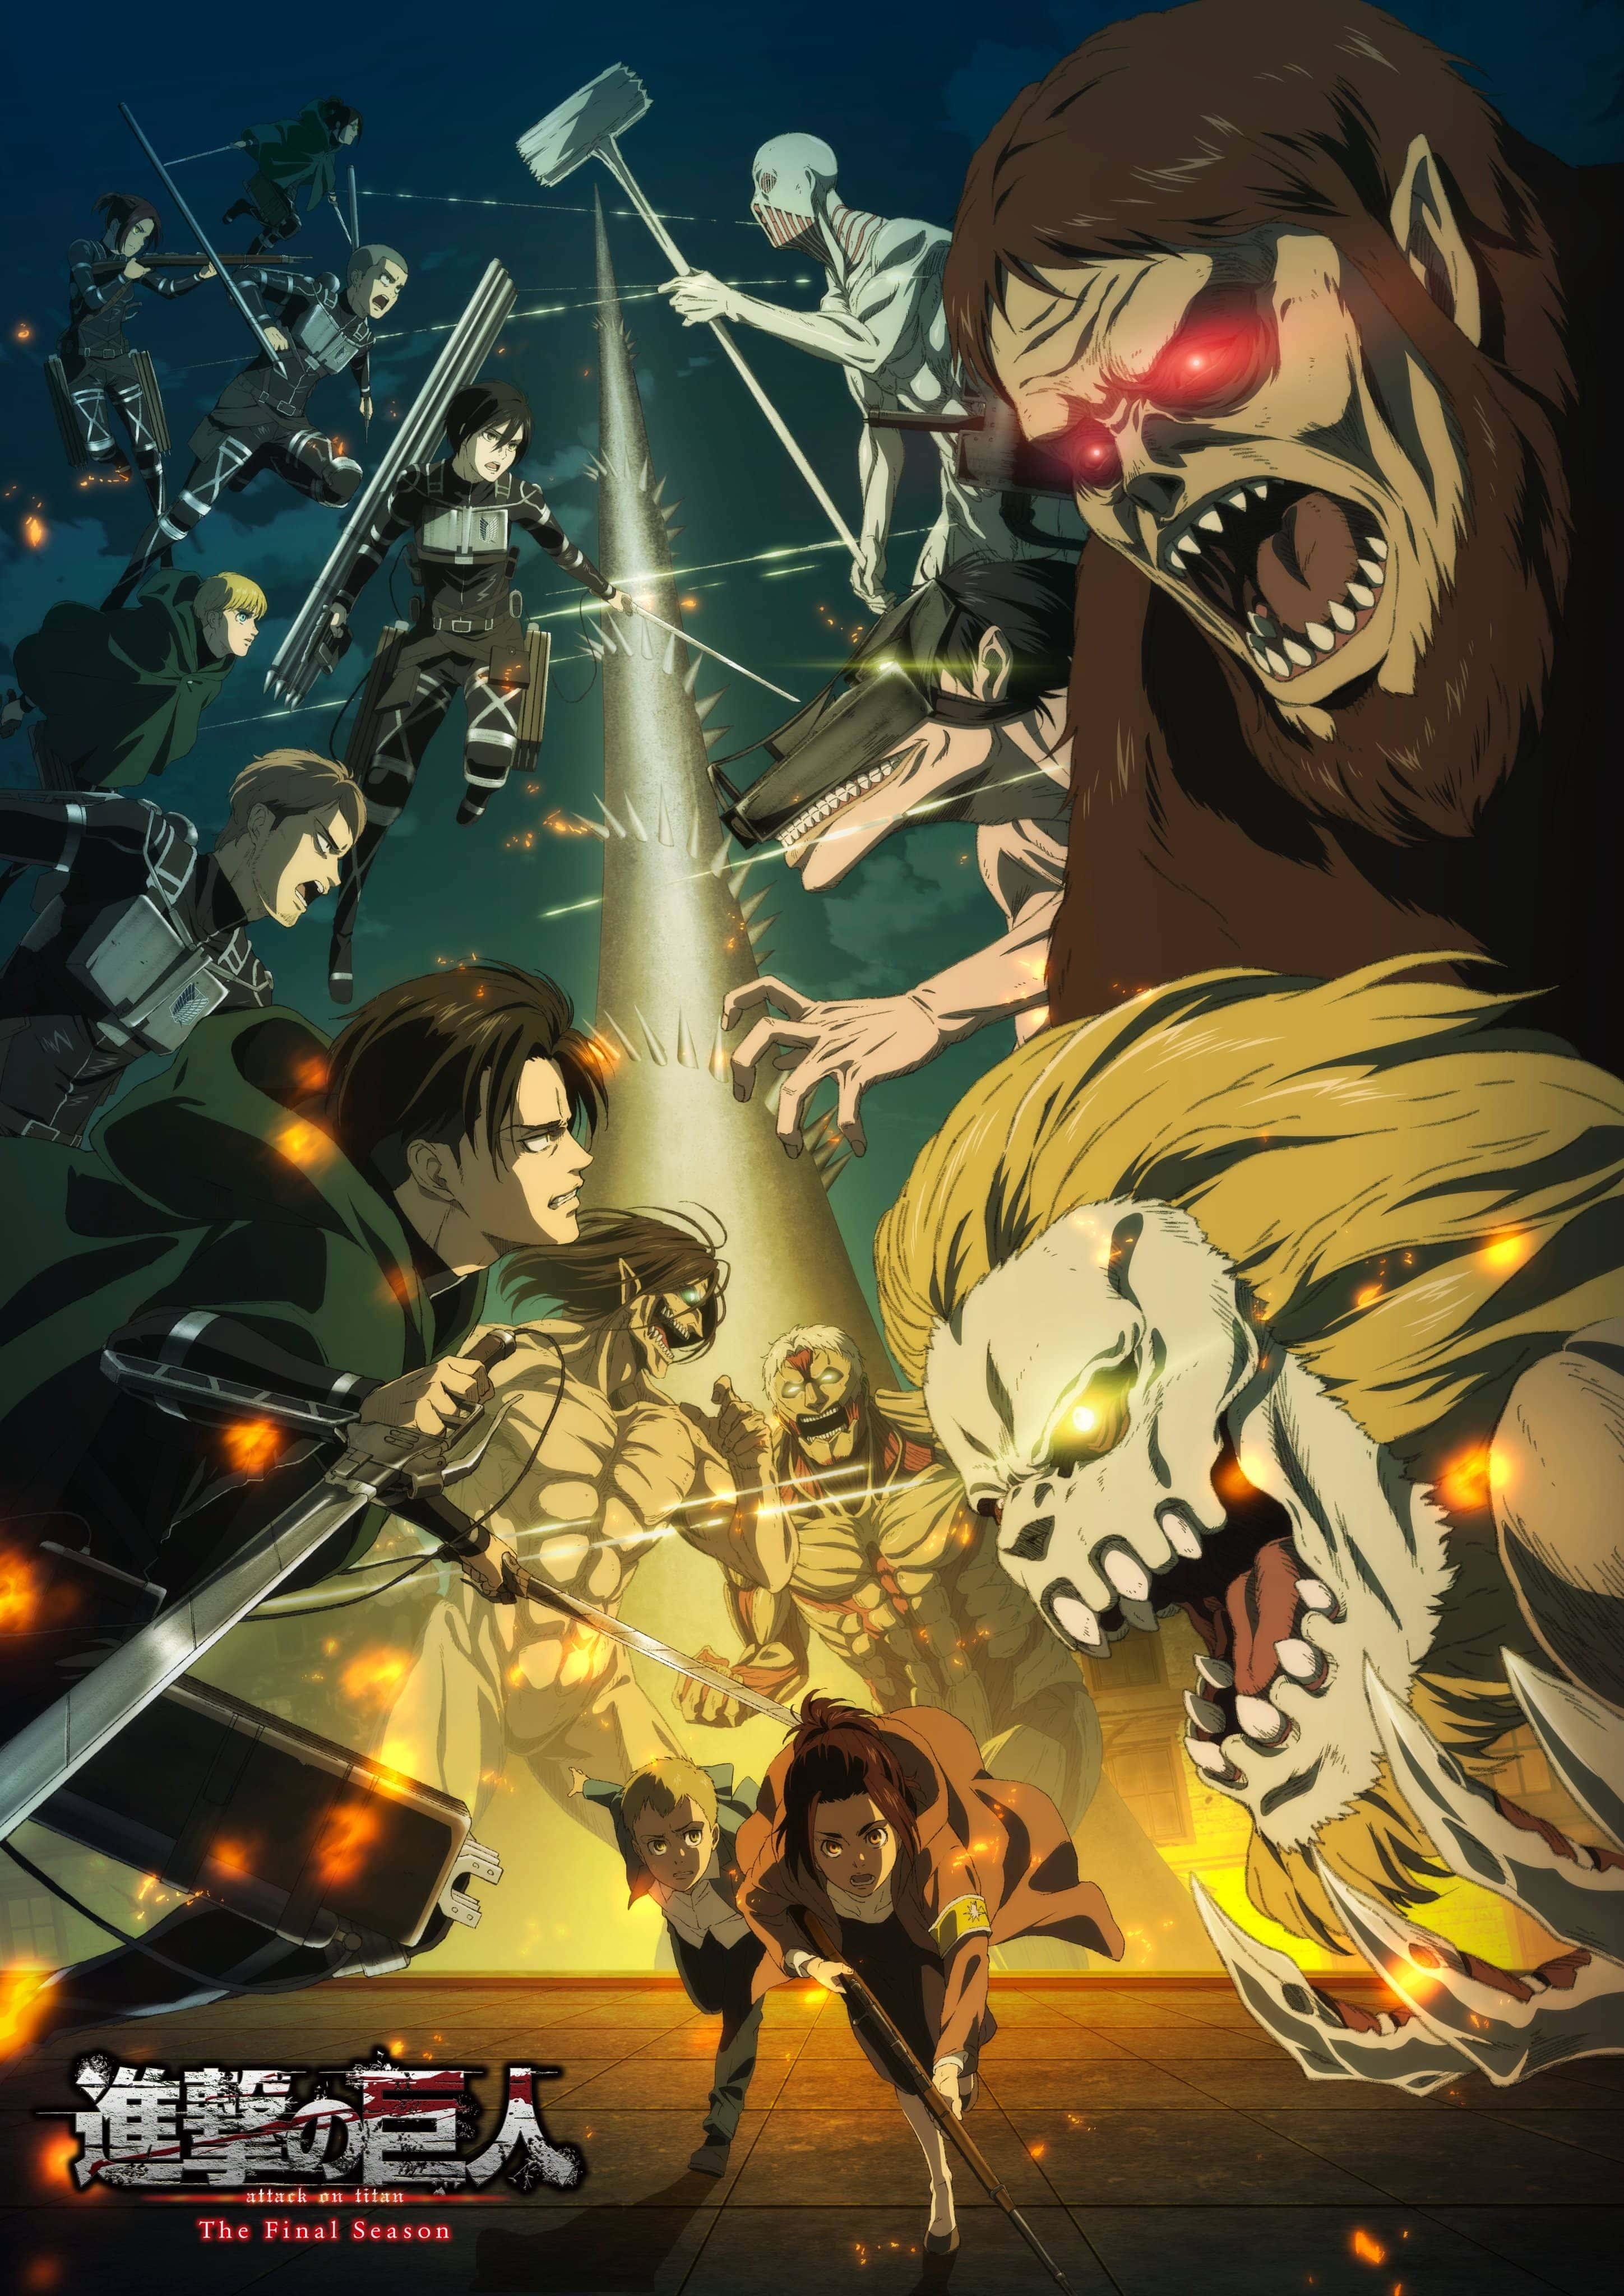 Sambut Anime Attack On Titan Final Season Dengan Visual Baru Yang Mengesankan Gwigwi